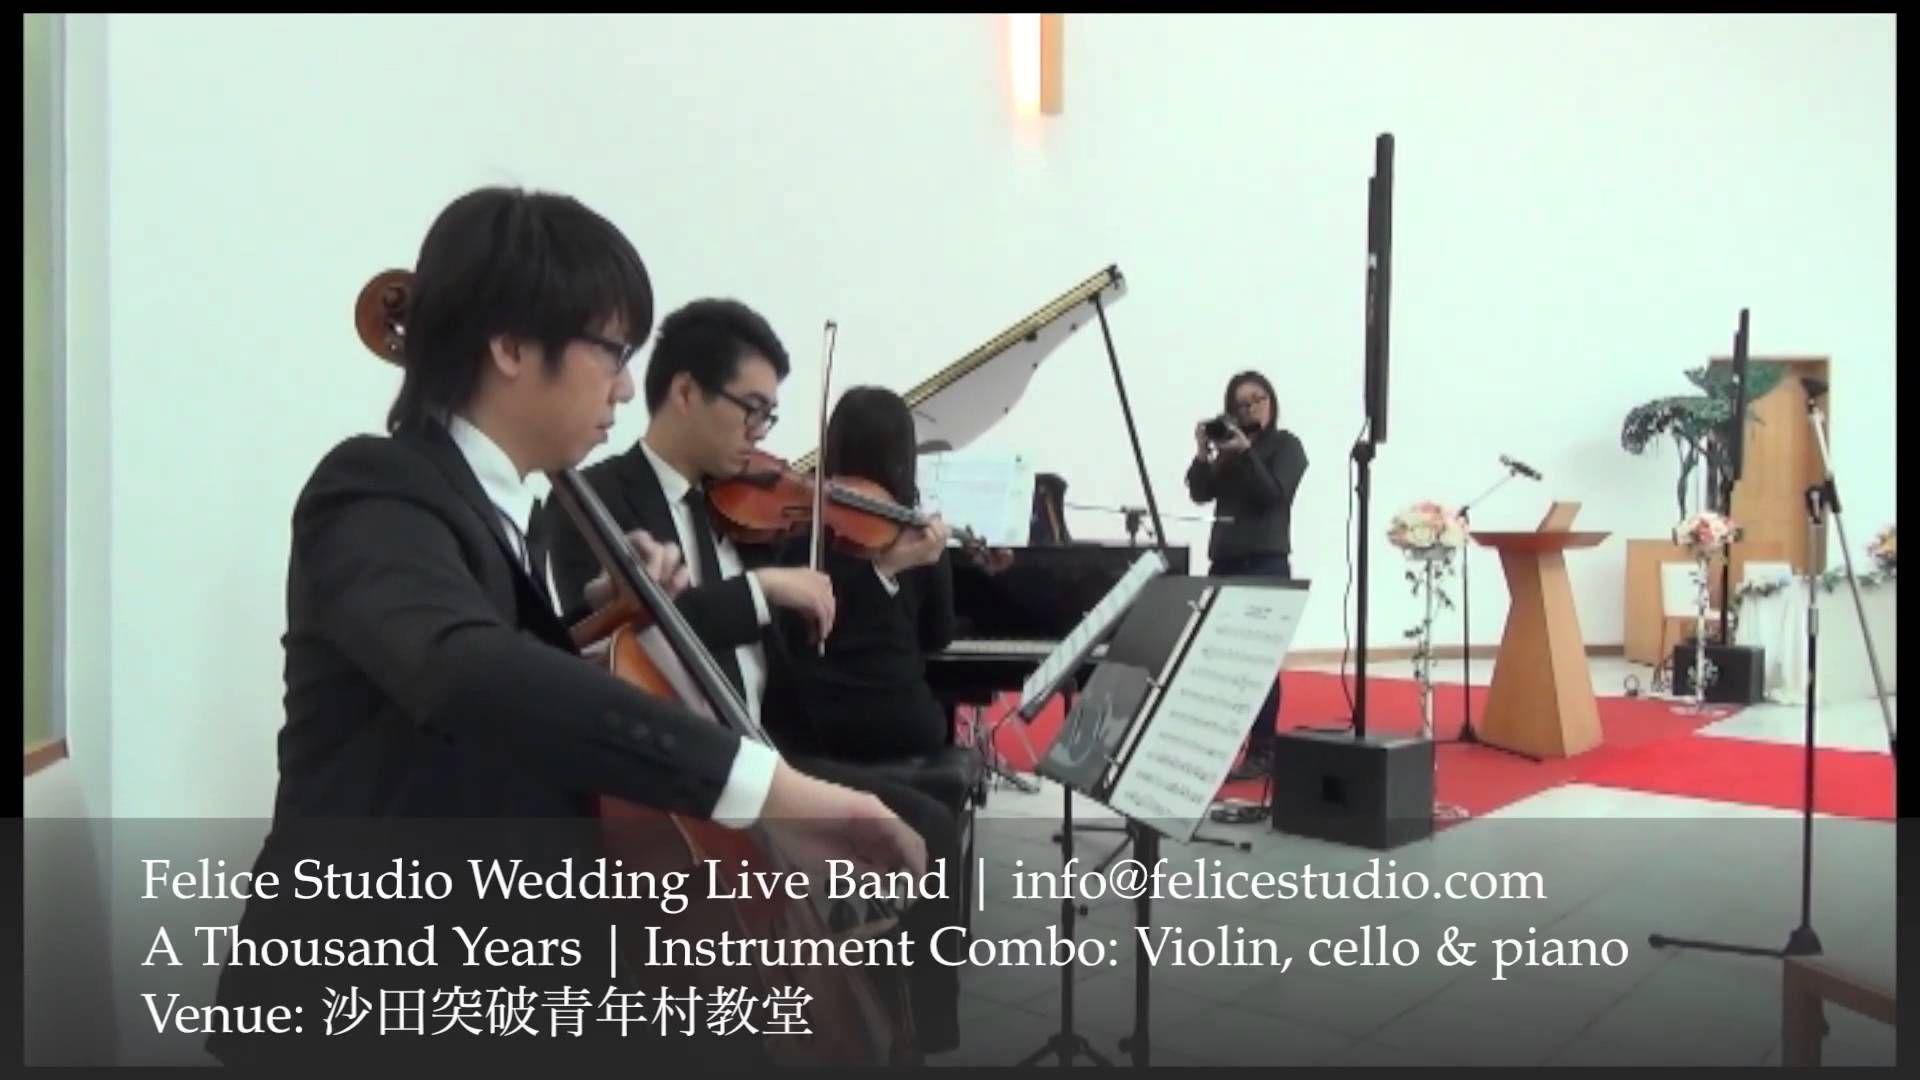 Wedding Music - A thousand years Piano Trio (Violin, cello & Piano